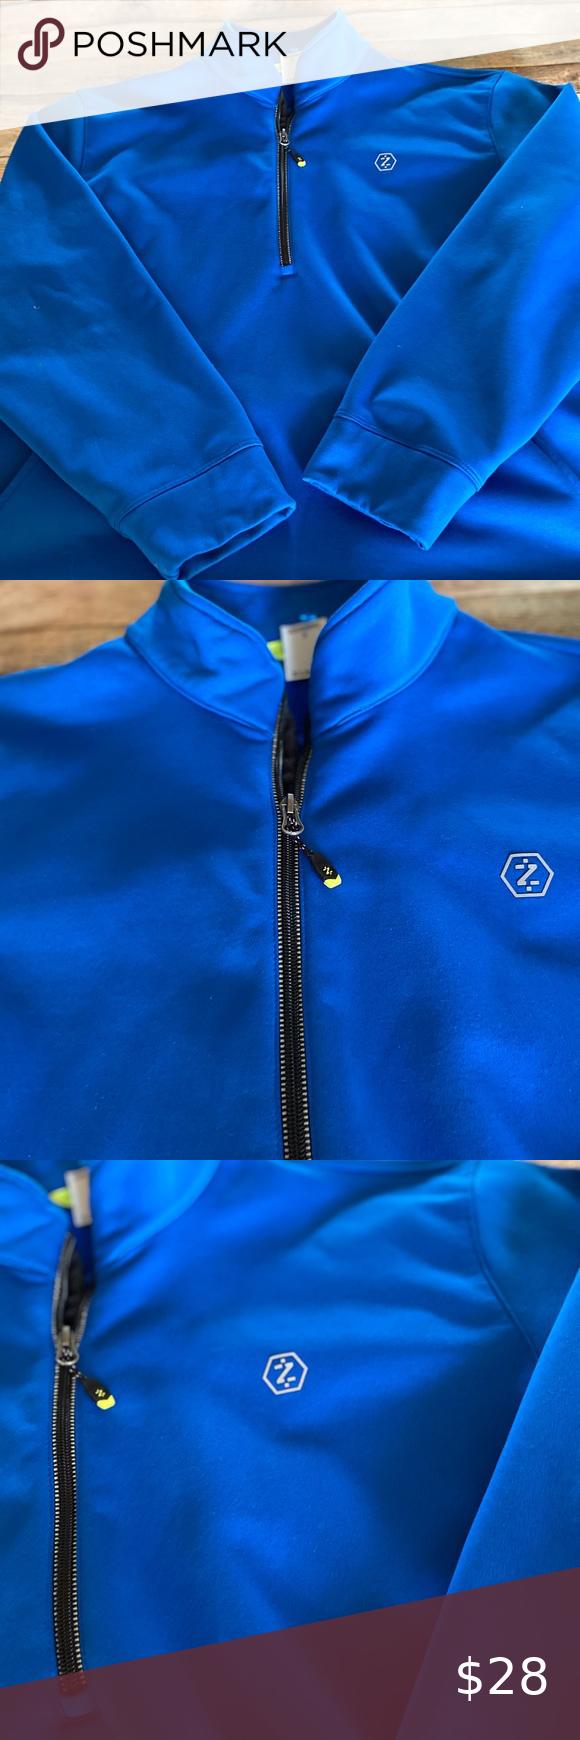 Izod Performx Men S Blue Half Zip Jacket Size Xl Zip Jackets Jackets Half Zip [ 1740 x 580 Pixel ]